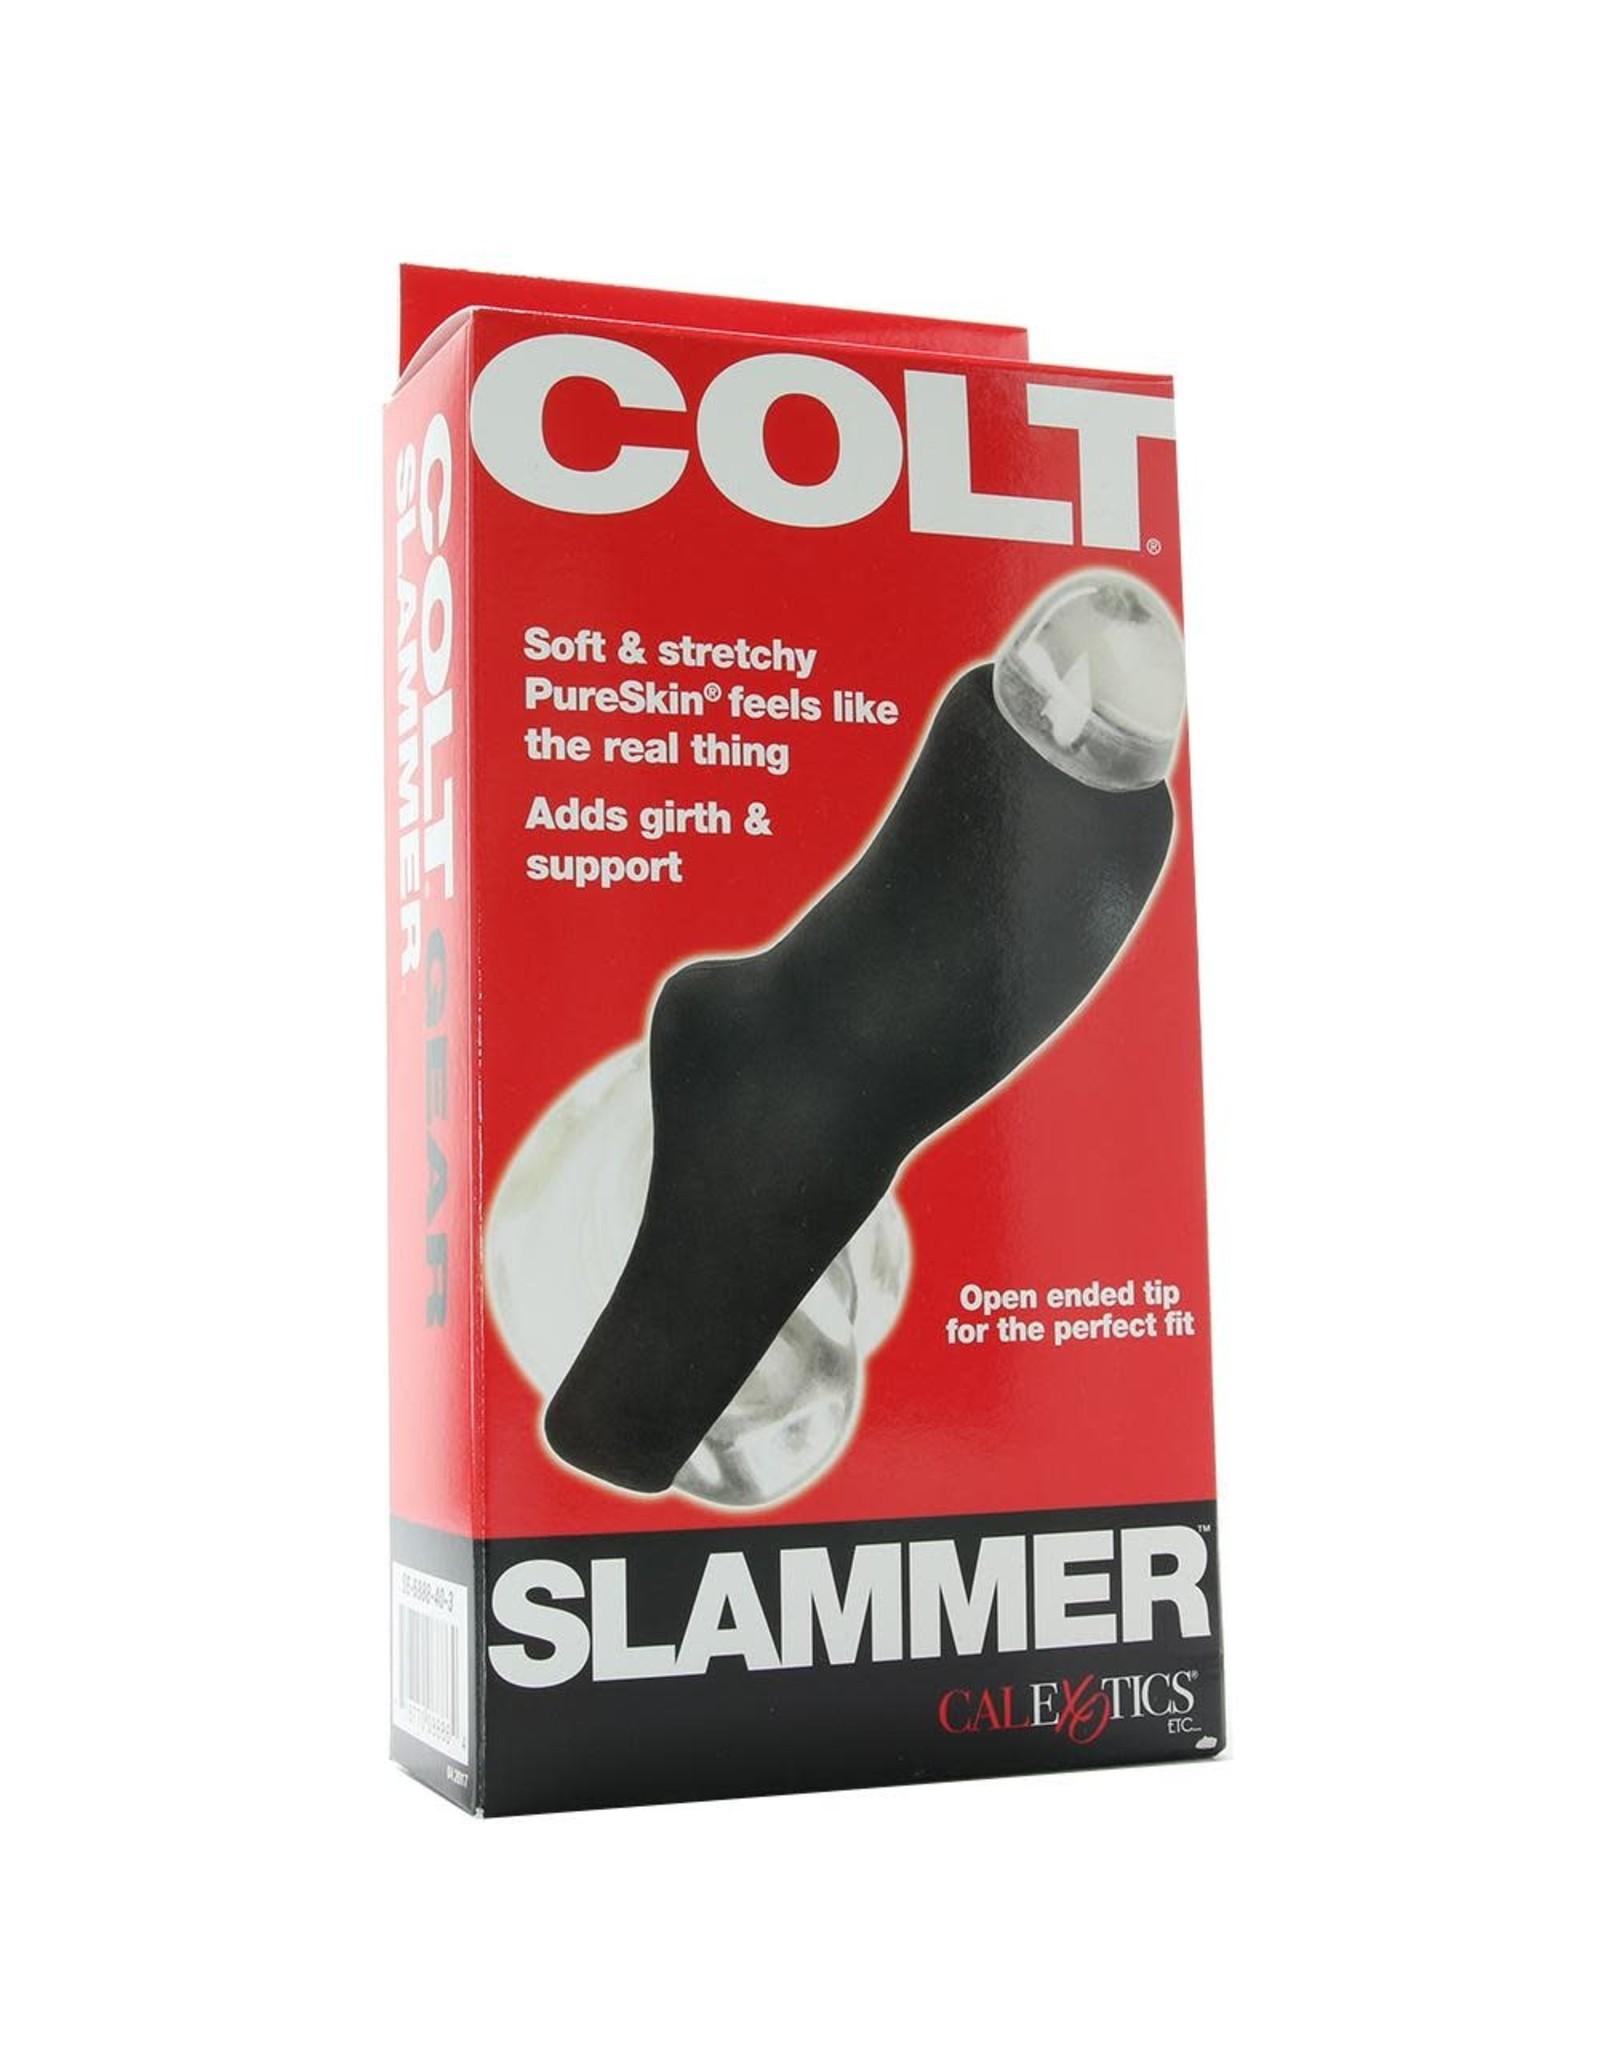 COLT COLT - SLAMMER GIRTH SLEEVE